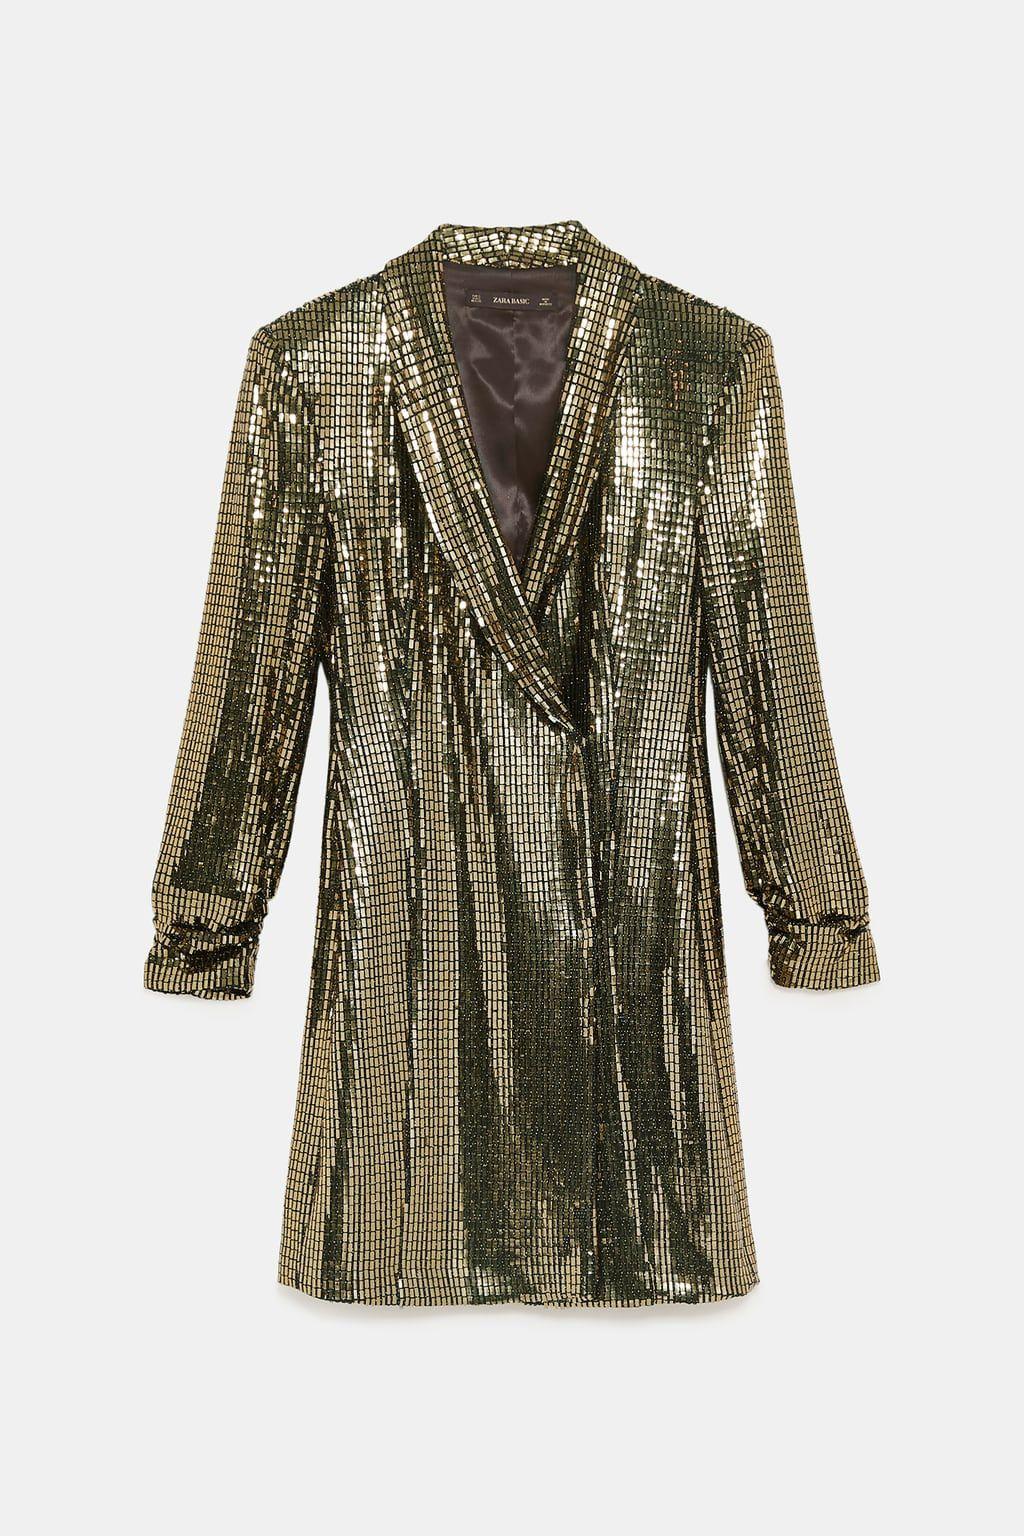 b458cc93 Blazer dress in 2019 | Matters of Style | Tuxedo dress, Blazer dress ...